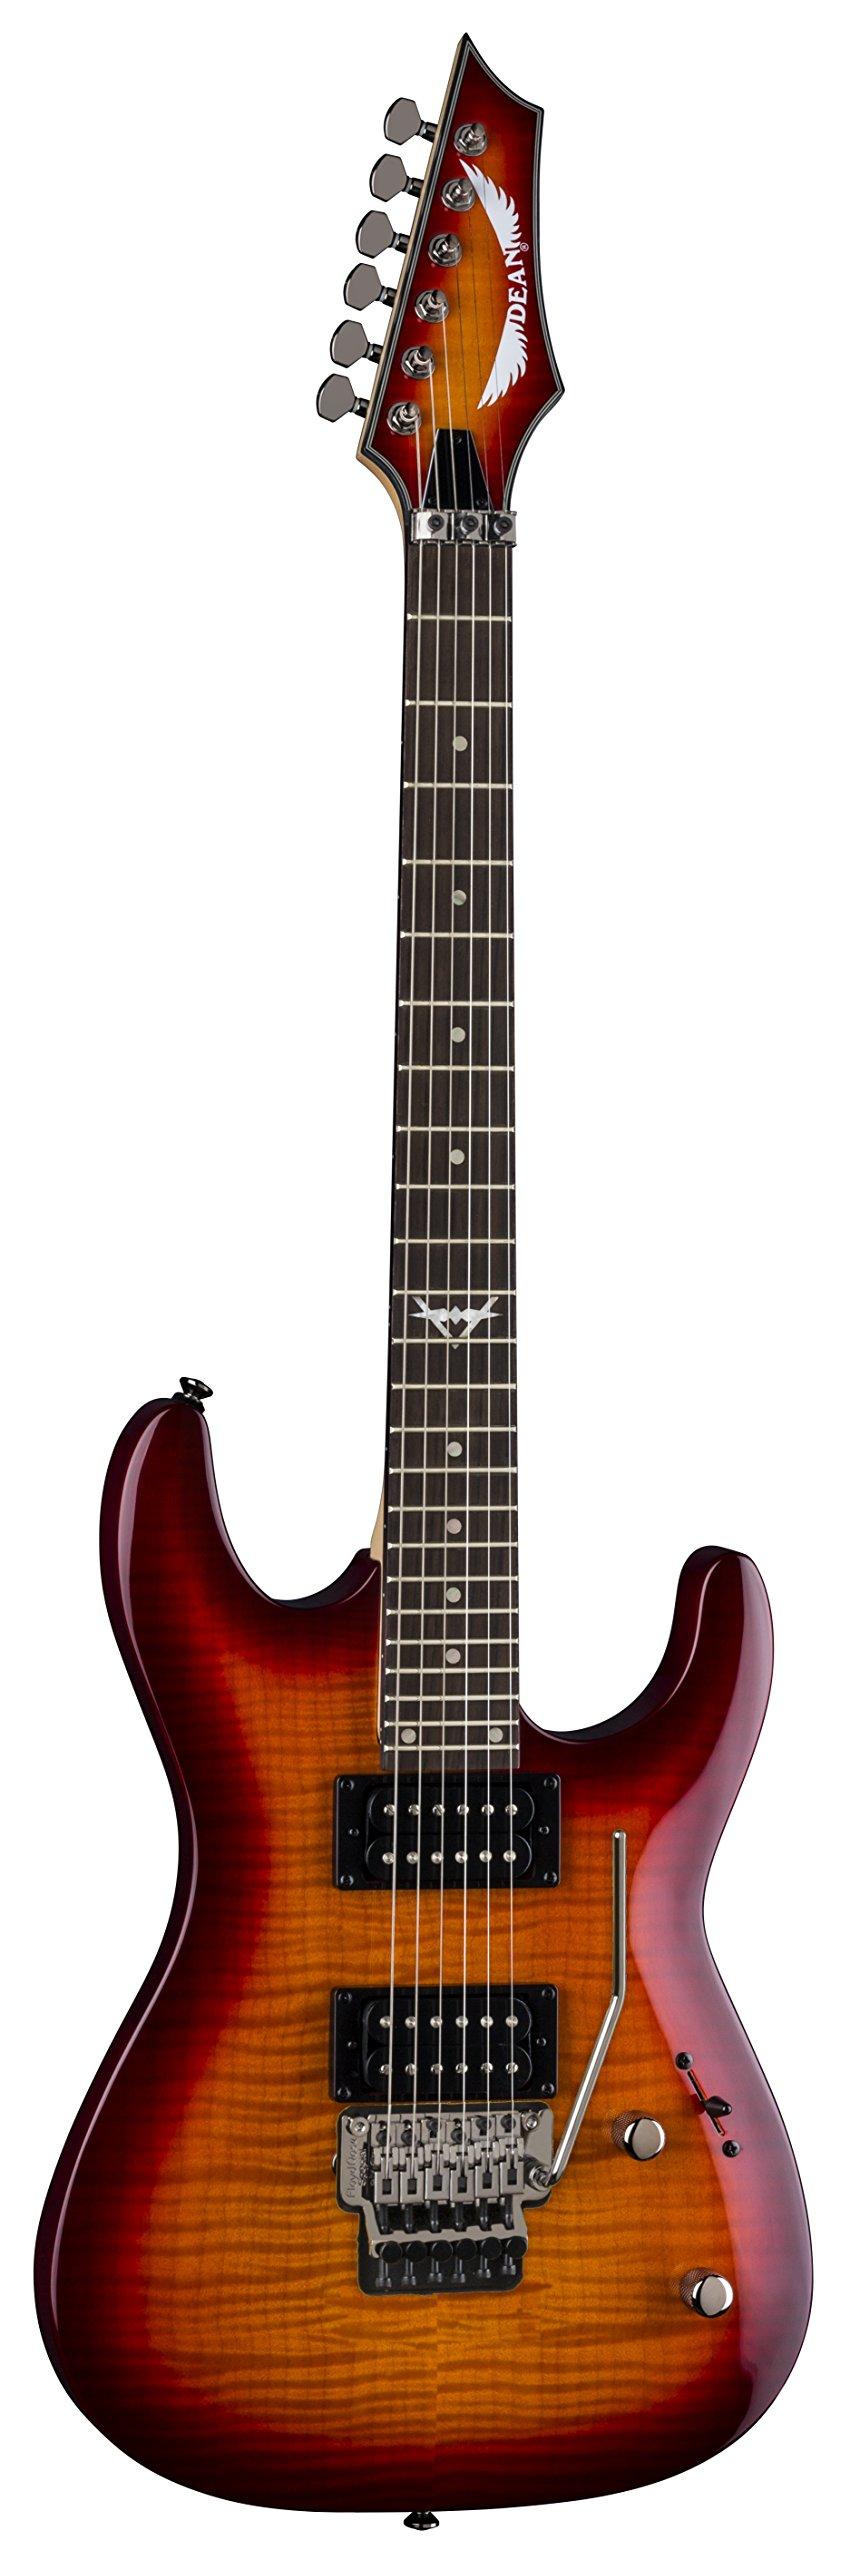 Cheap Dean 6 String Custom C350 Floyd Solid-Body Electric Guitar-Trans Amberburst (C350F TAB Black Friday & Cyber Monday 2019